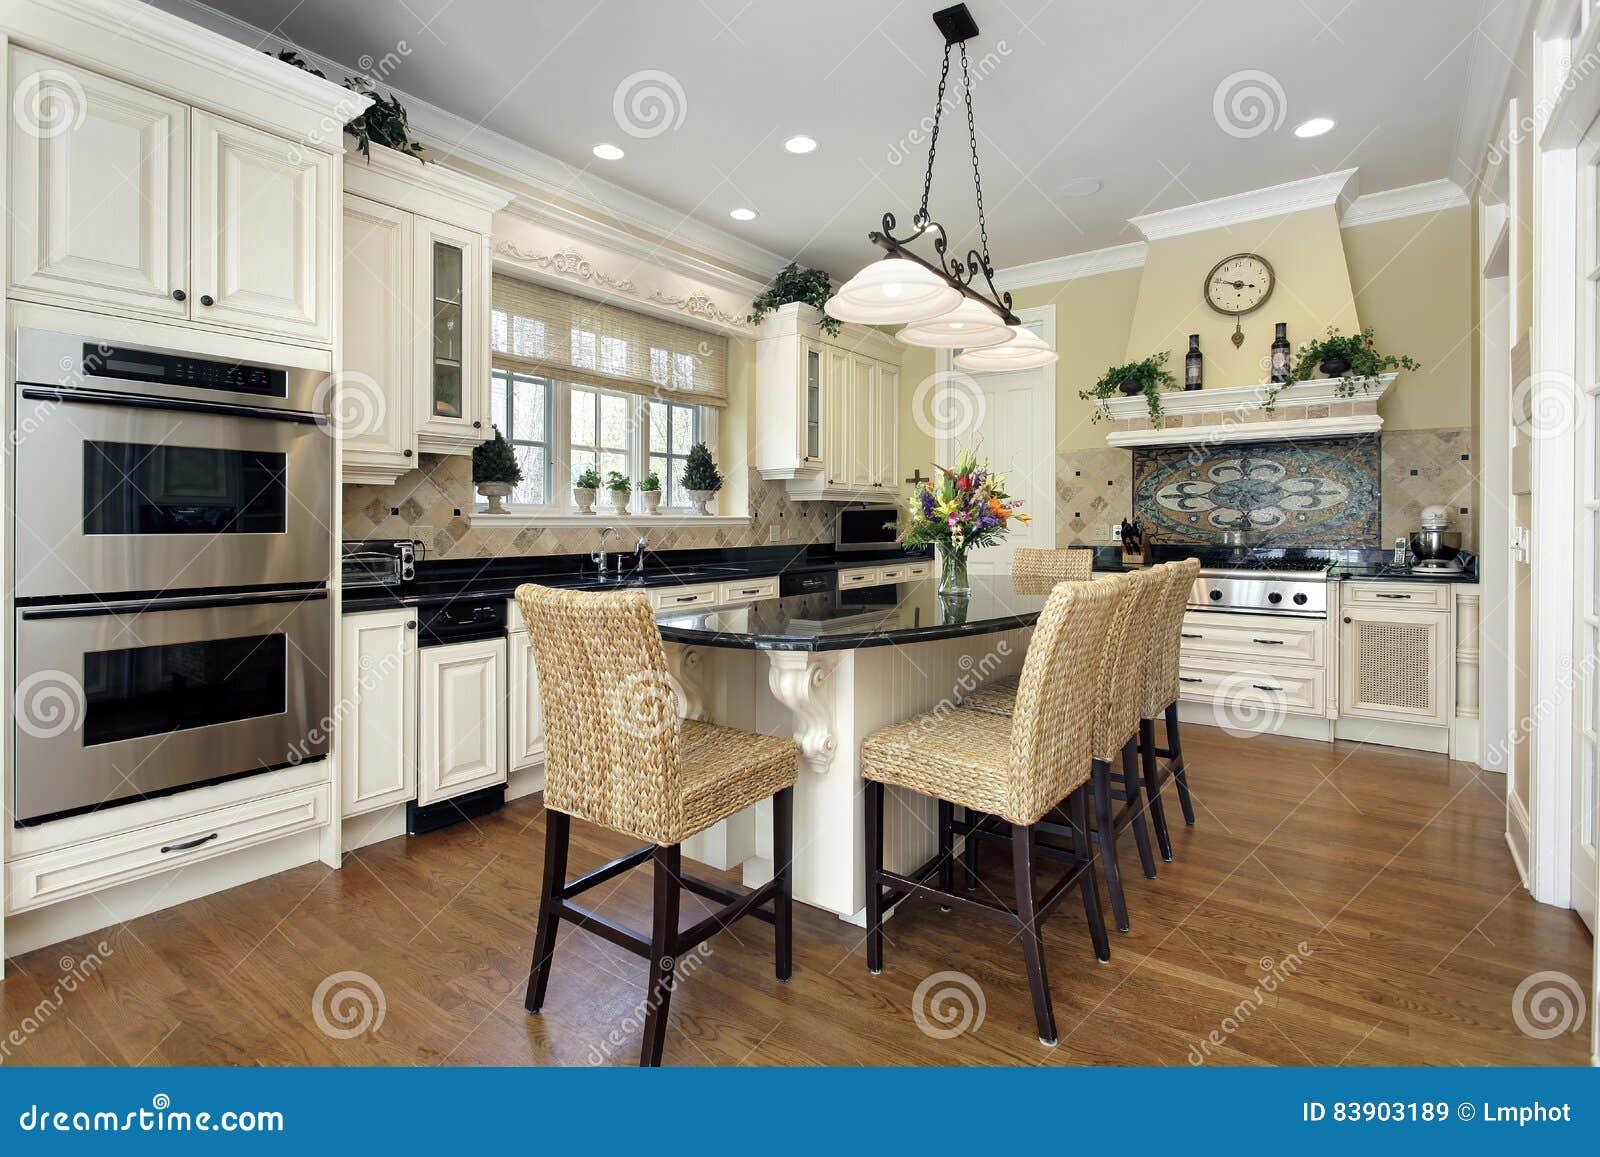 Küche mit Mittelinsel stockbild. Bild von luxus, wohnsitz - 83903189